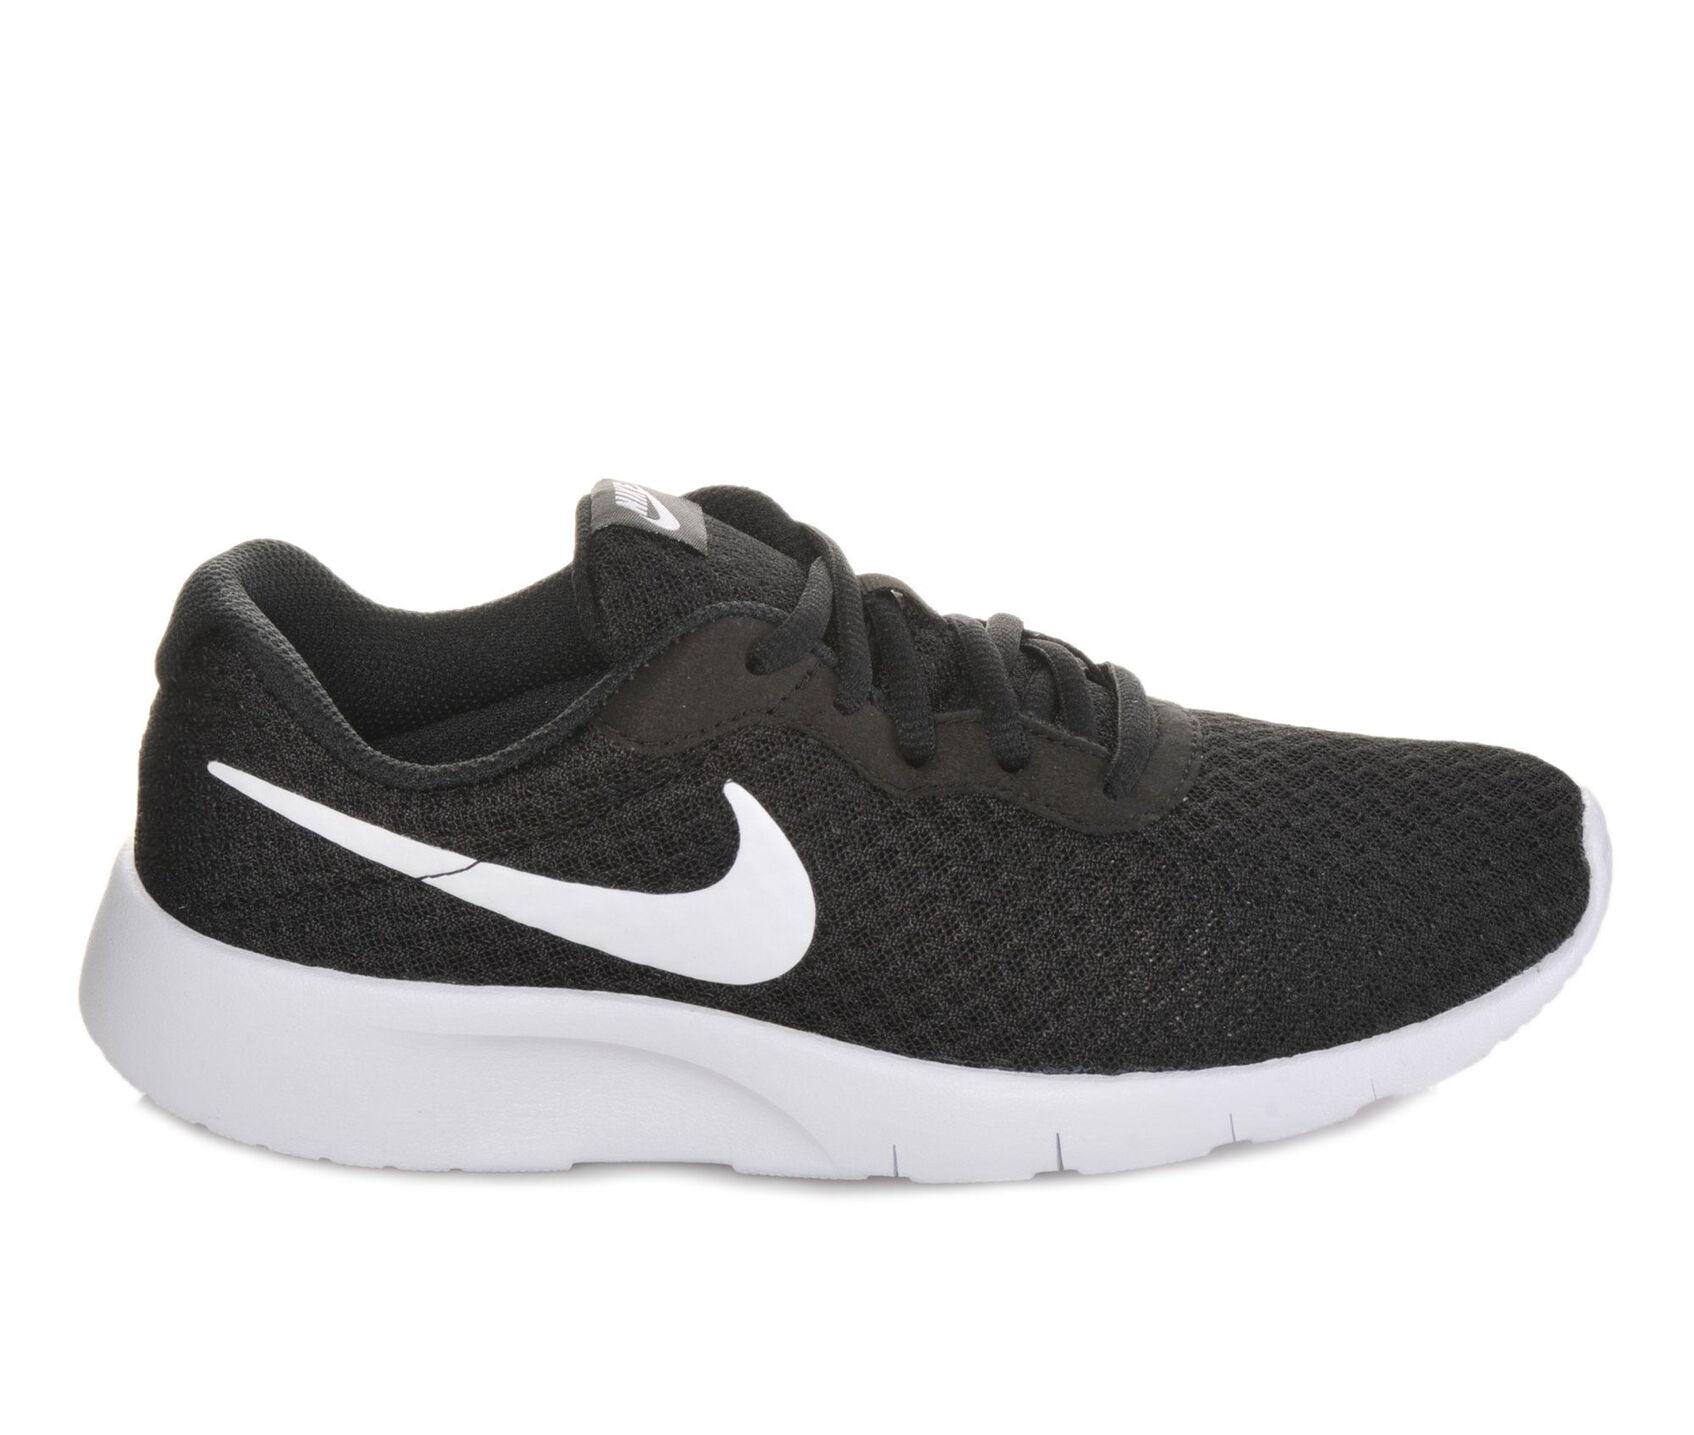 85d15775e681 ... Nike Big Kid Tanjun Sneakers. Previous